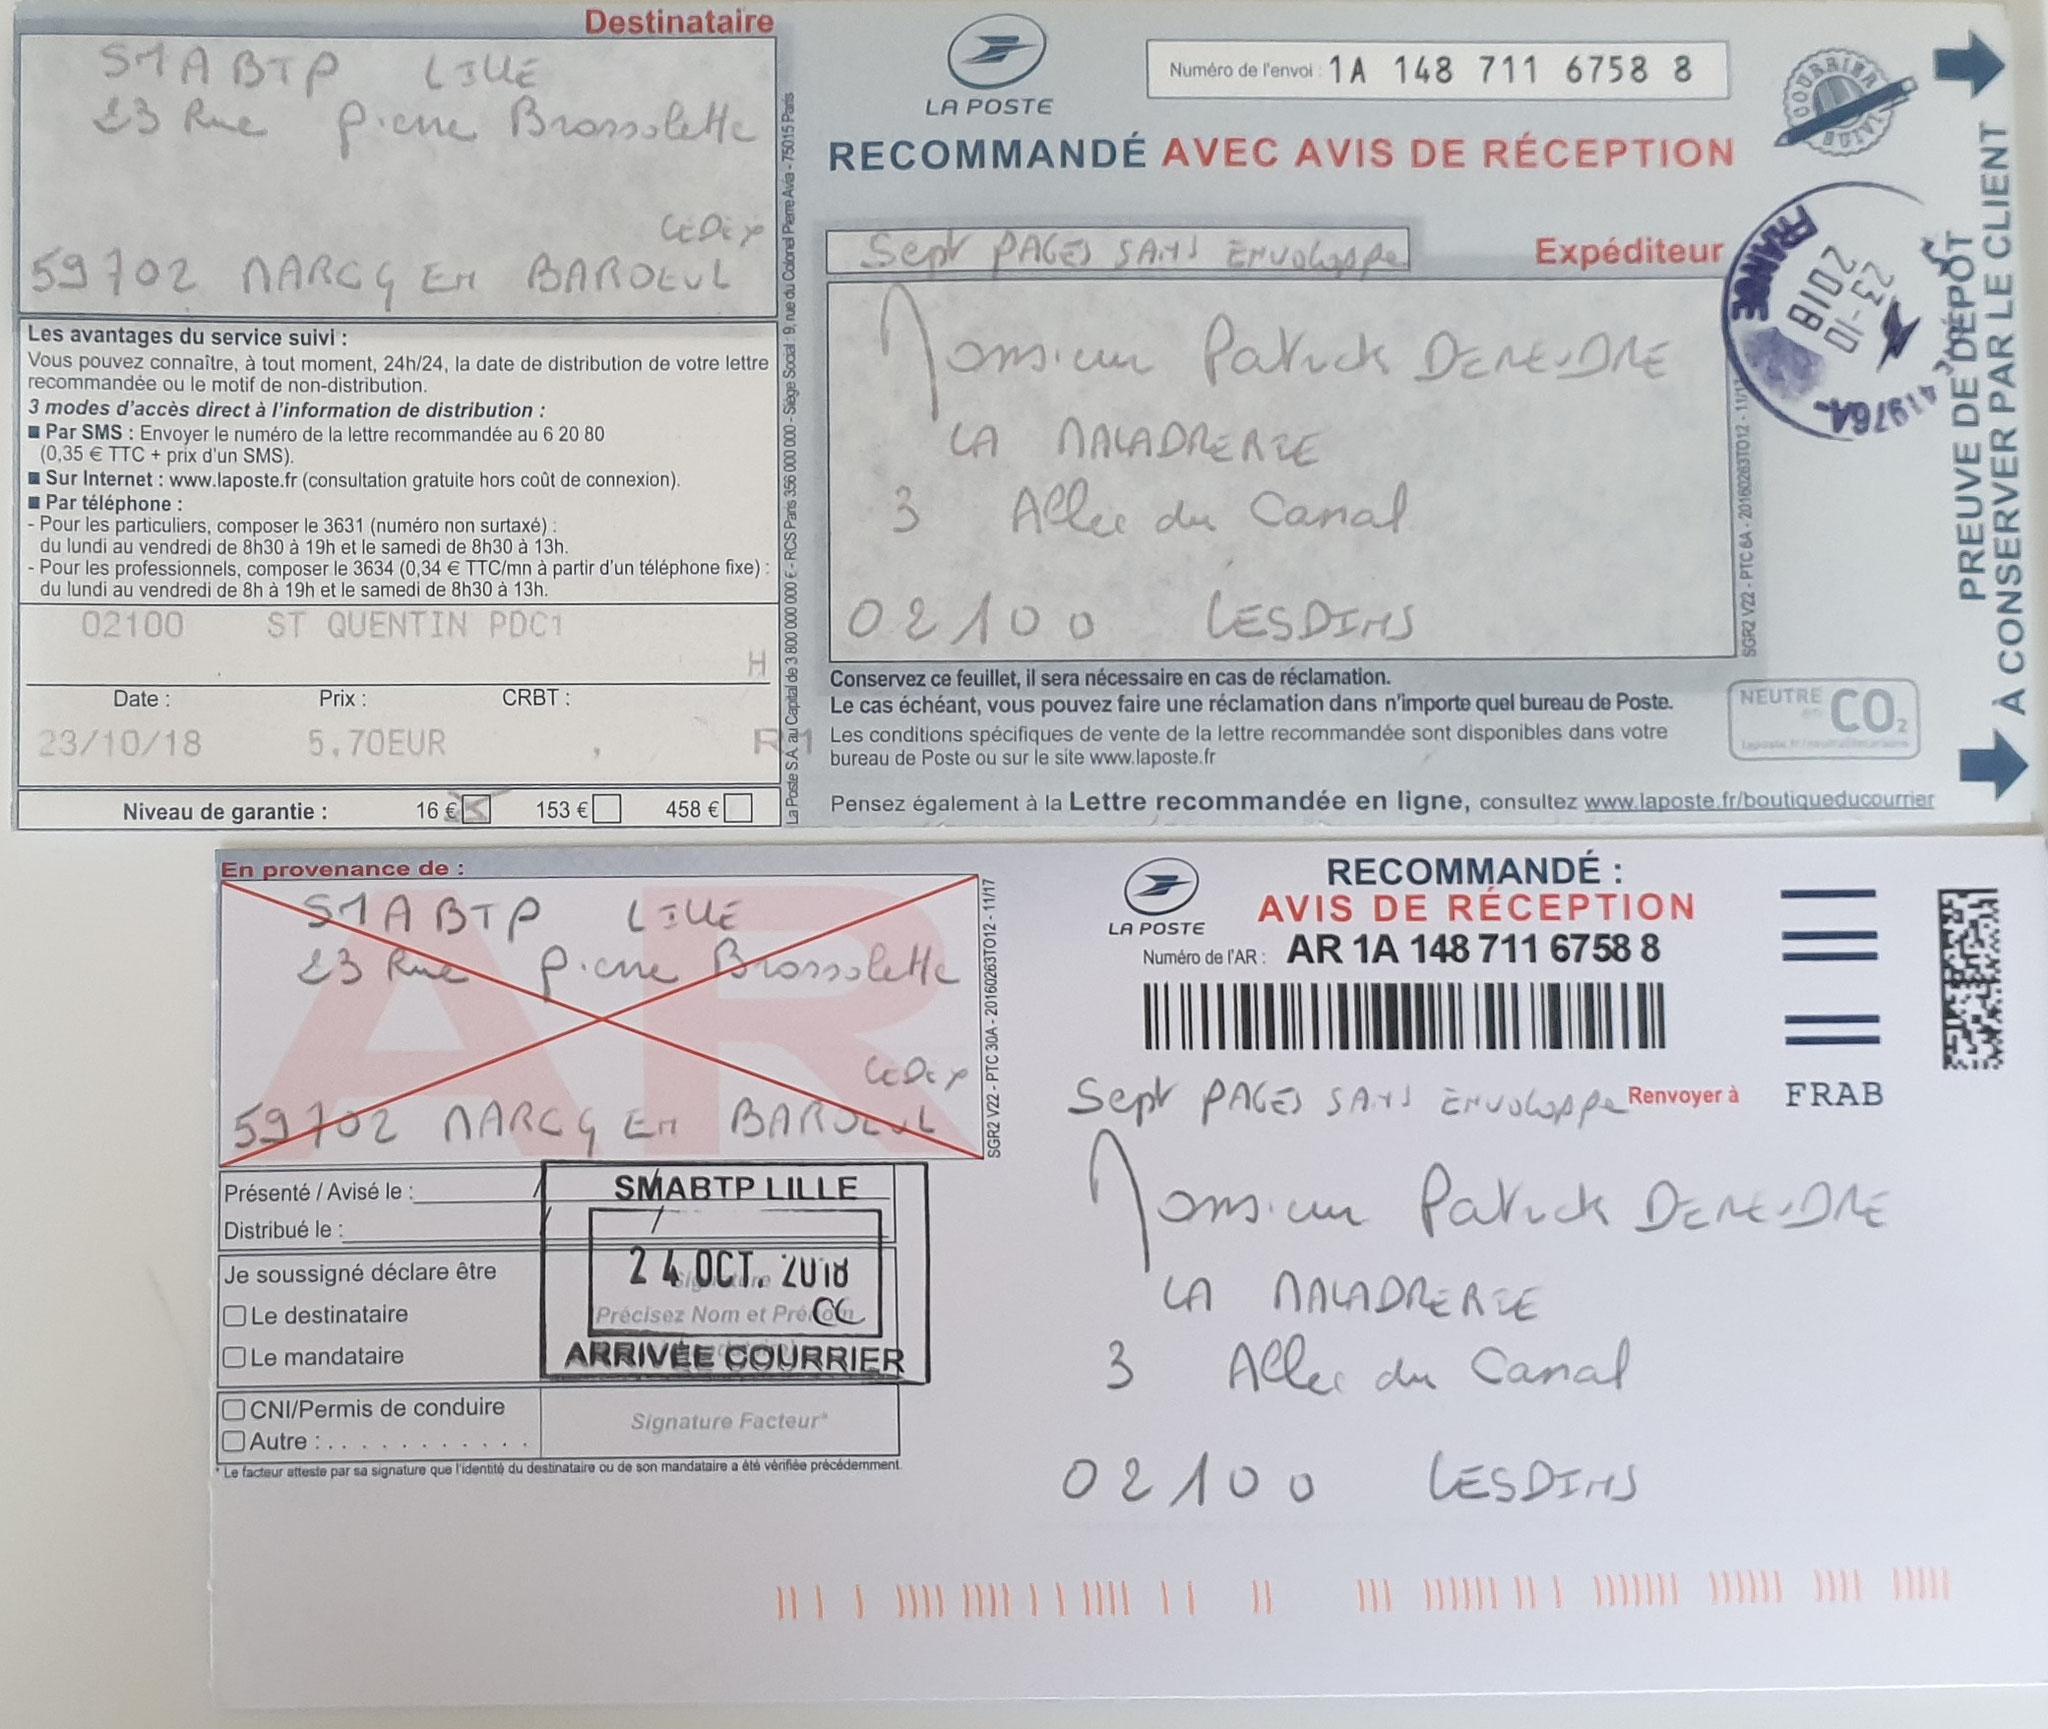 Le 23 Octobre 2018 j'adresse à SMABT une troisième  LRAR N0 1A 148 711 6758 8 de (sept pages) www.jenesuispasunchien.fr www.jesuisvictime.fr www.jesuispatrick.fr PARJURE & CORRUPTION